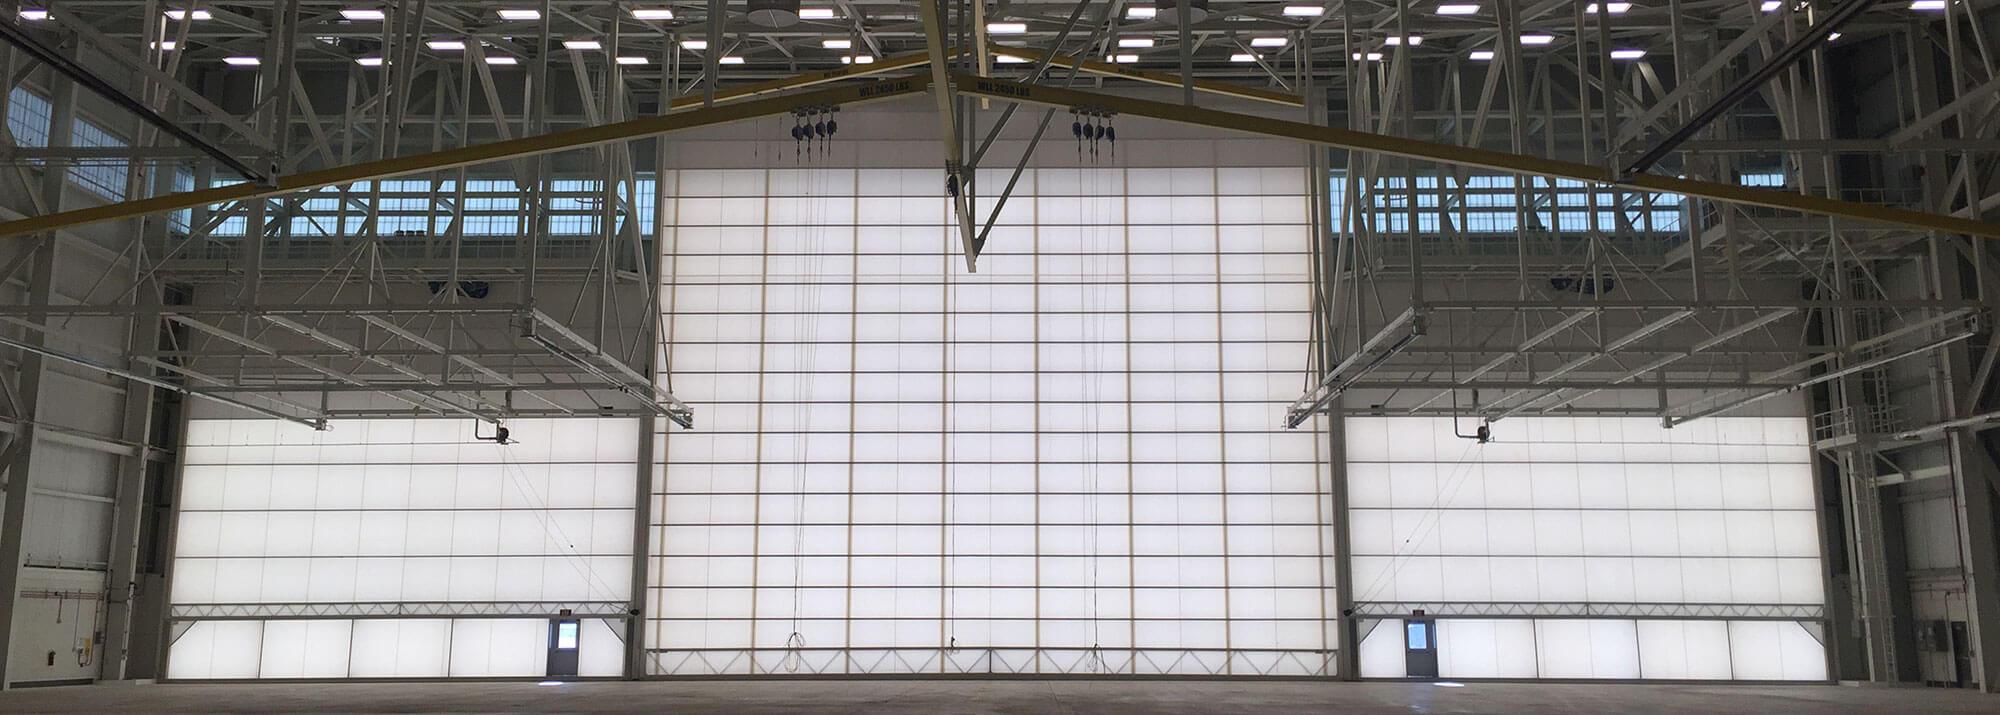 Overhead Hangar Doors